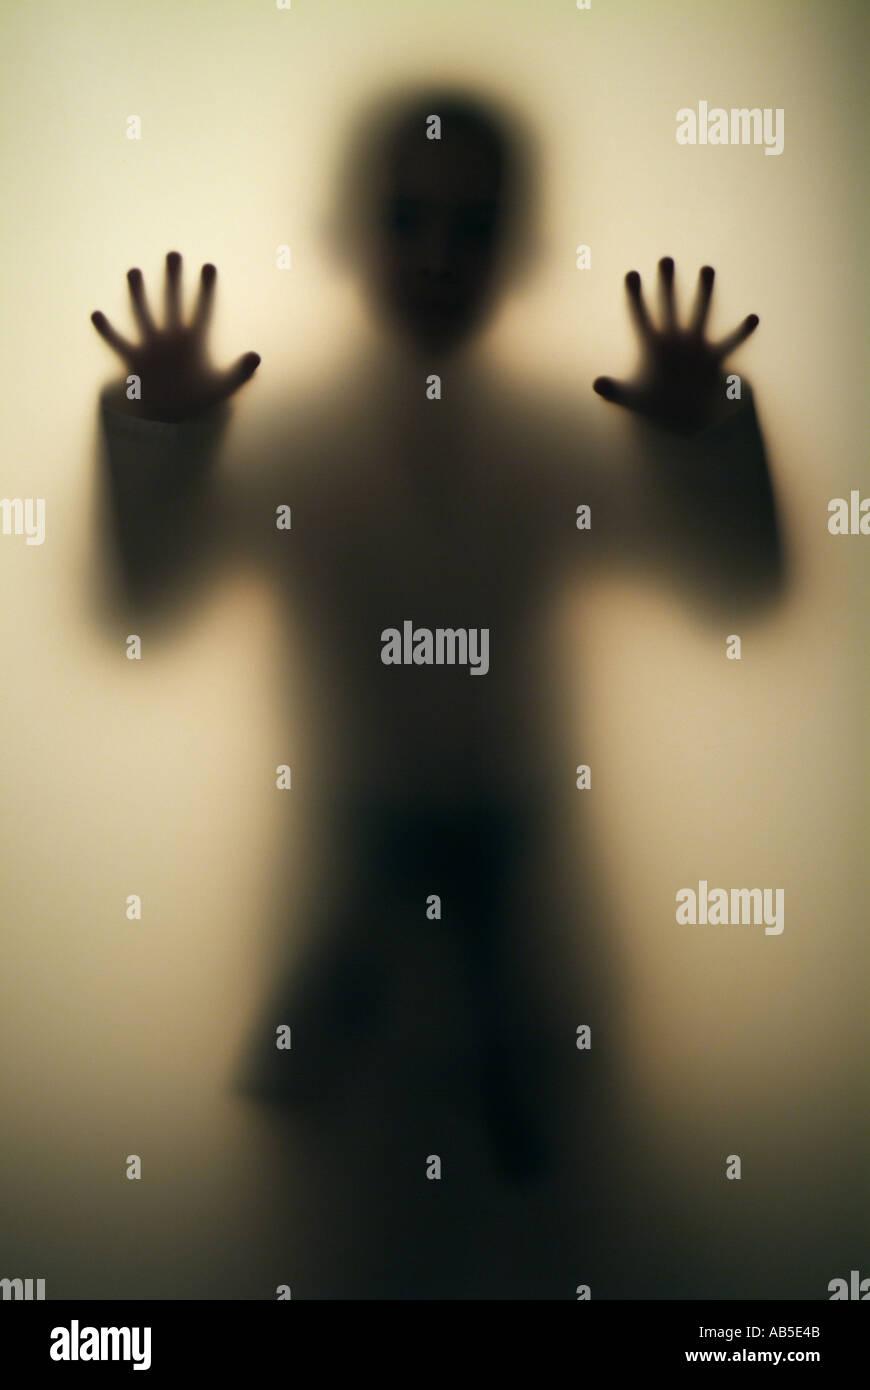 Chico 7, 8, 9, 10, 11, 12, 13, 14 años de edad figura detrás de pared transparente Imagen De Stock